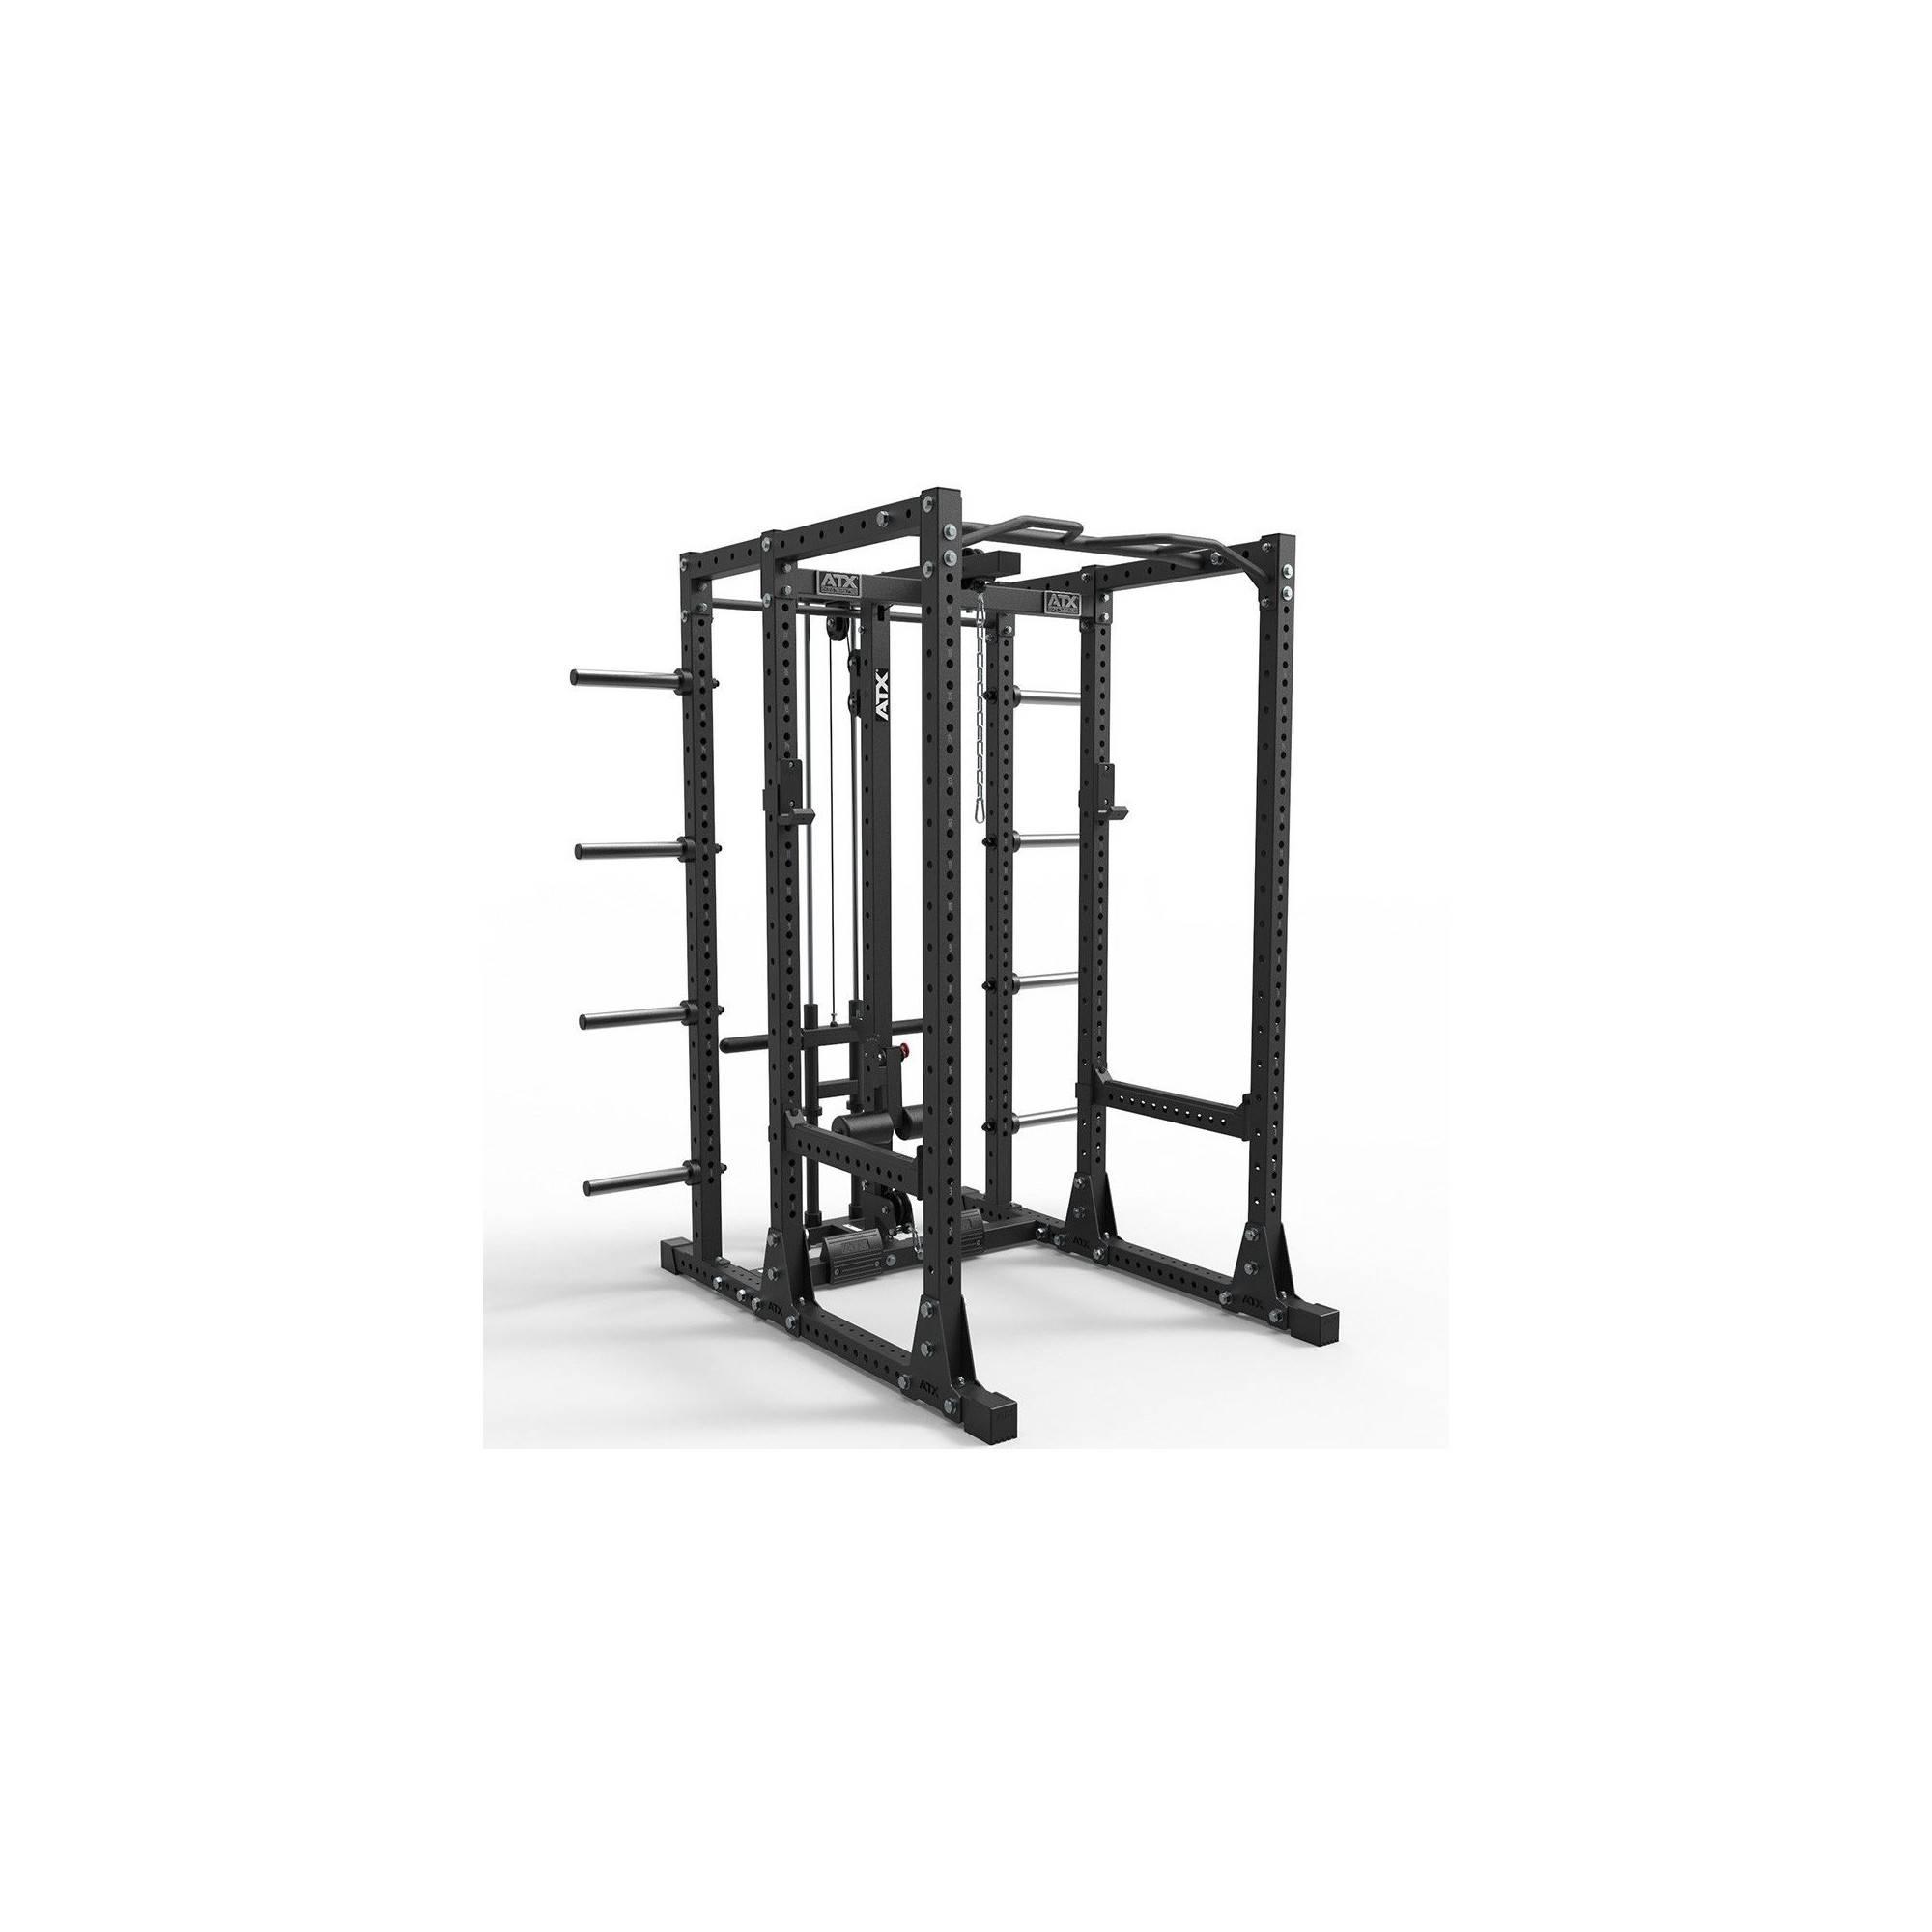 Klatka treningowa ATX® PRX-750-EXT-SET-250 Power Rack | wyciąg linowy wolne obciążenia ATX® - 1 | klubfitness.pl